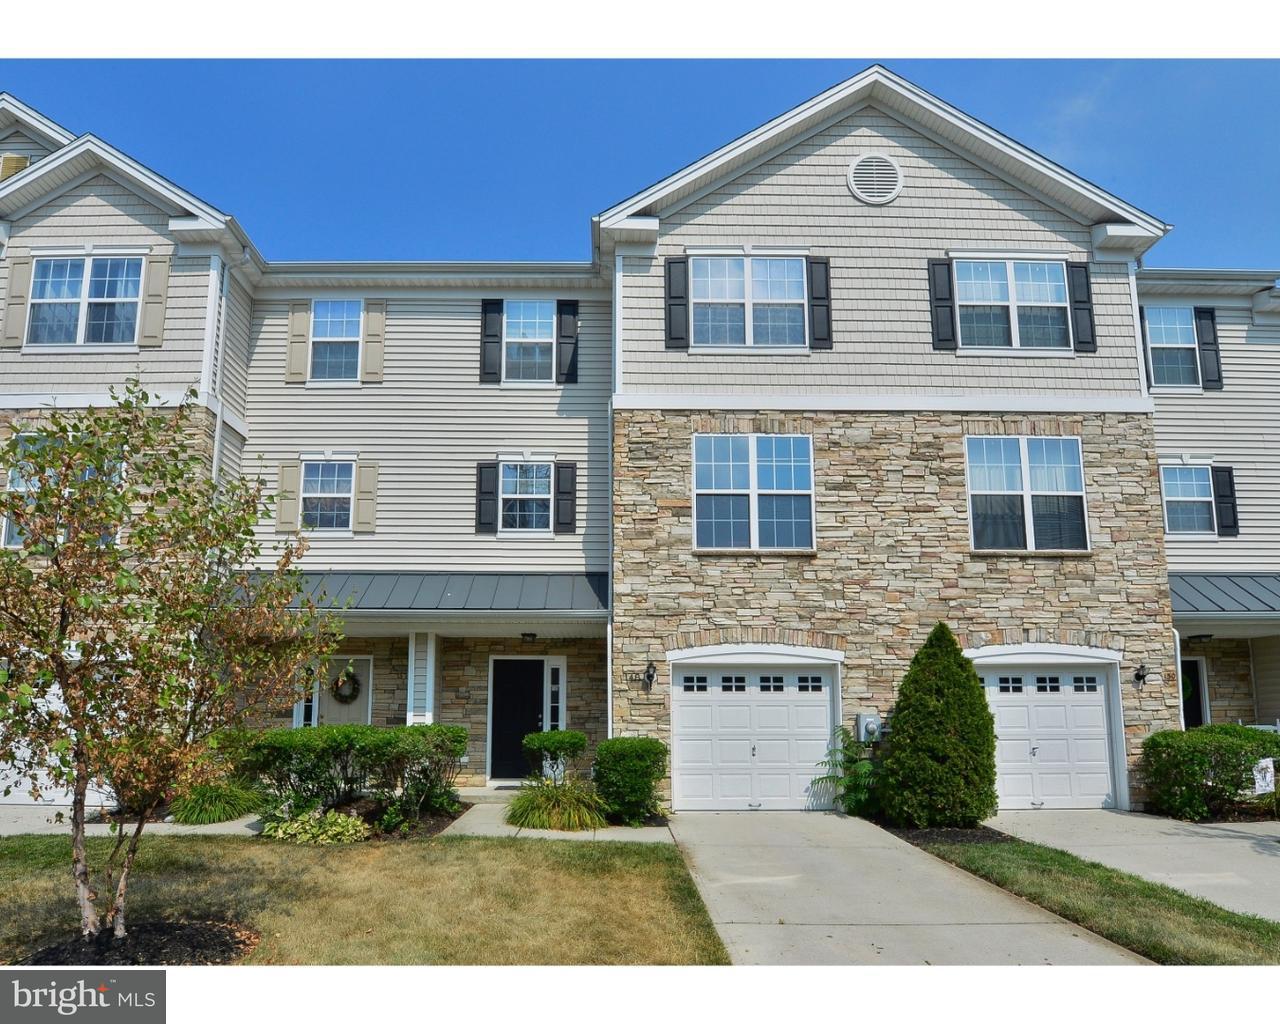 独户住宅 为 销售 在 148 ACORN Drive Mount Royal, 新泽西州 08061 美国